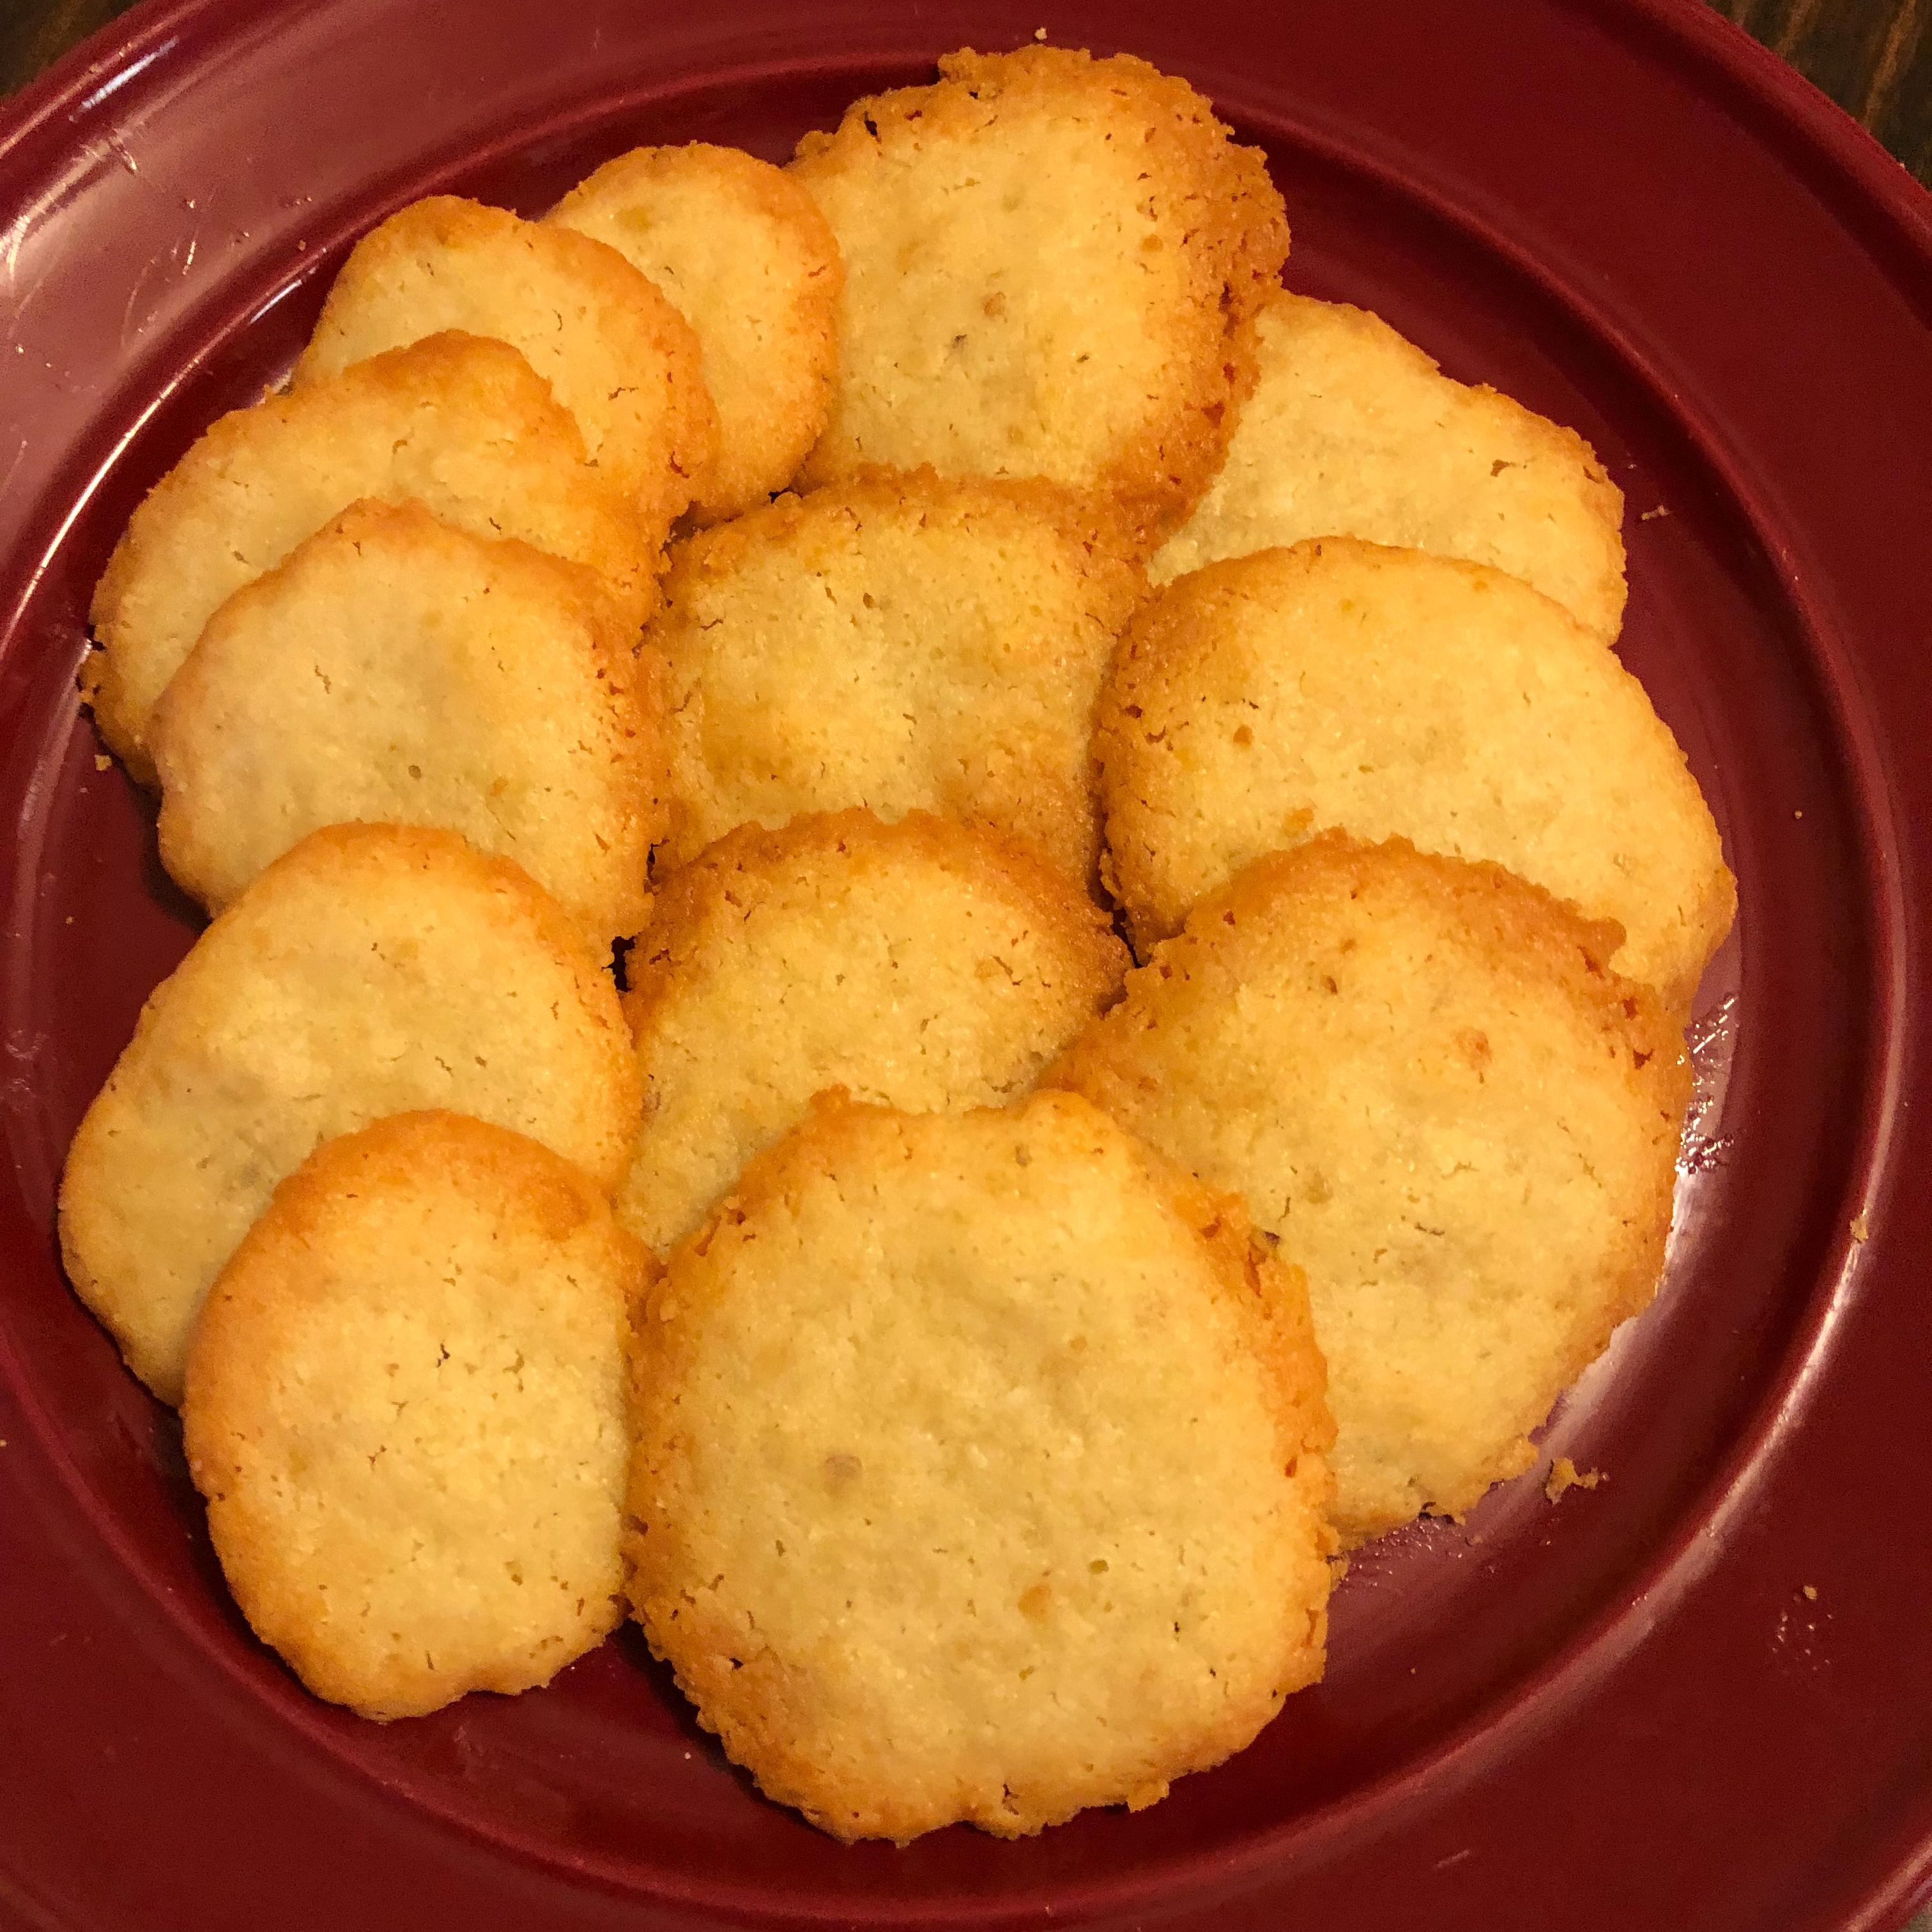 Homemade Brazilian Cheese Crackers (Sequilhos de Queijo) mtchrista